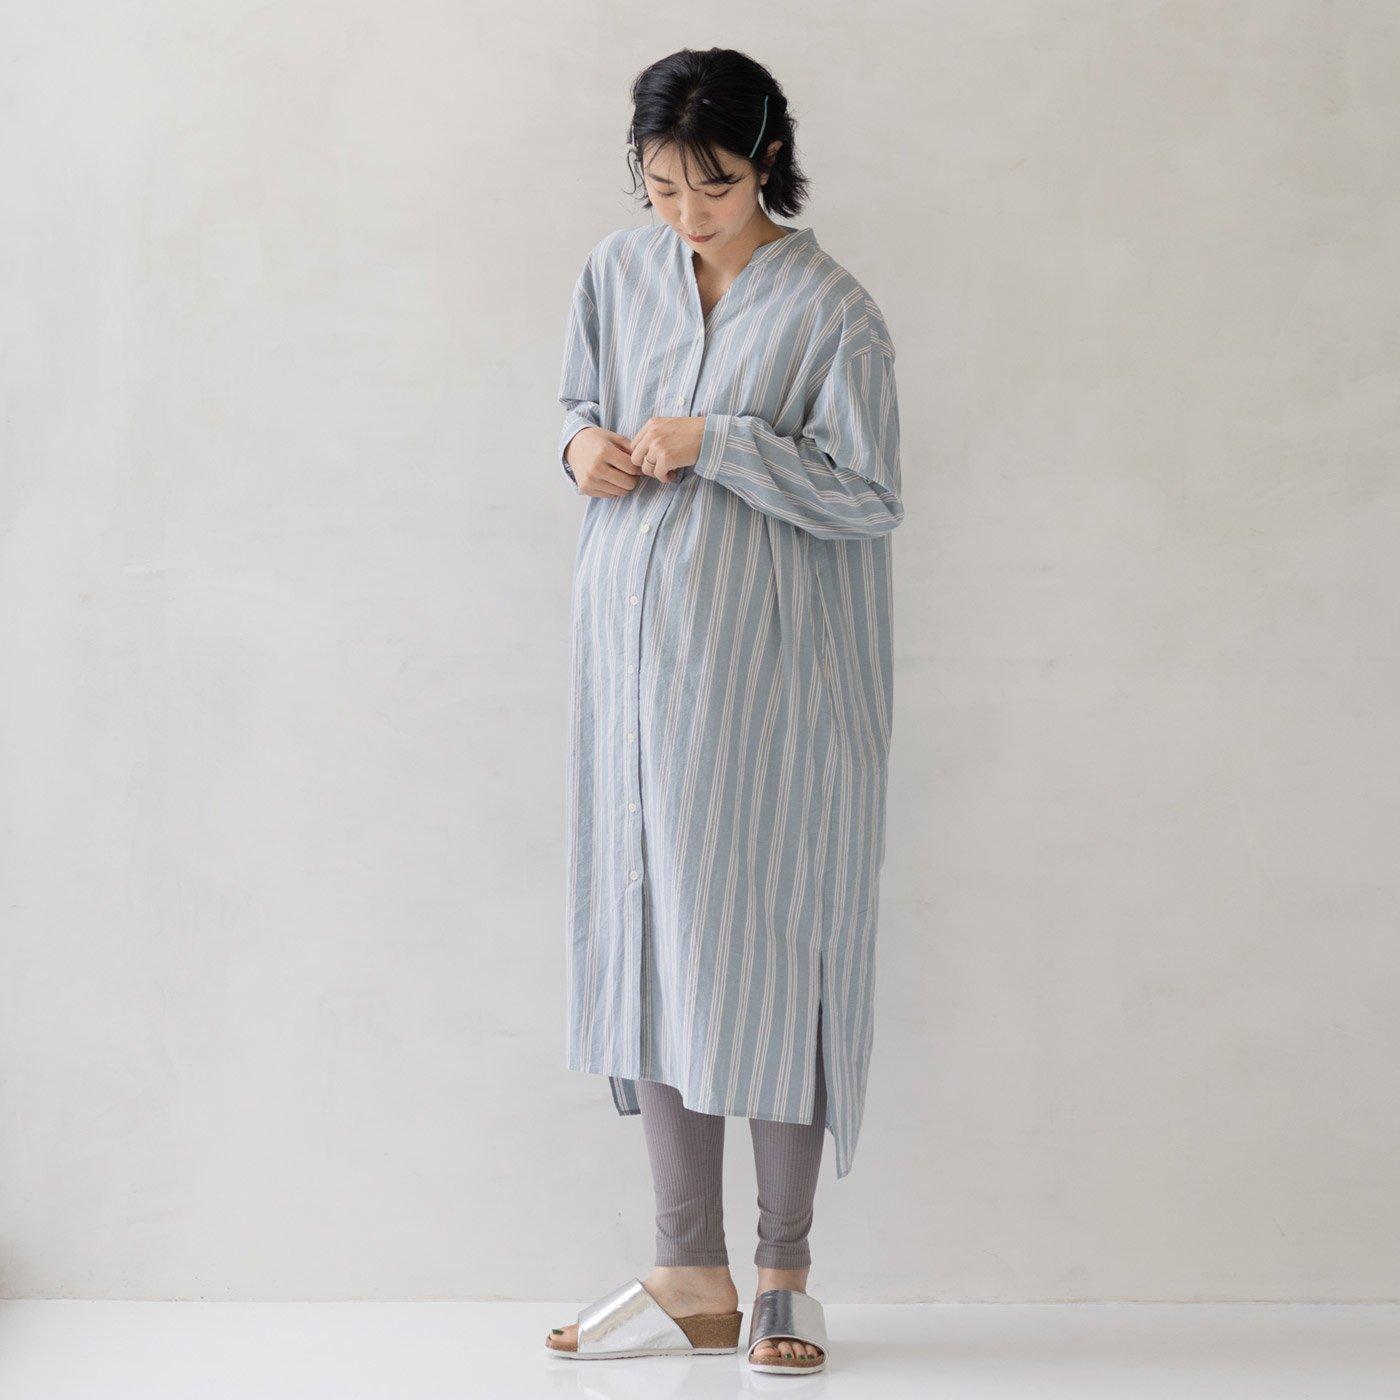 フェリシモMama マタニティから産後も使える ママによりそうストライプワンピースパジャマ〈ライトブルー〉